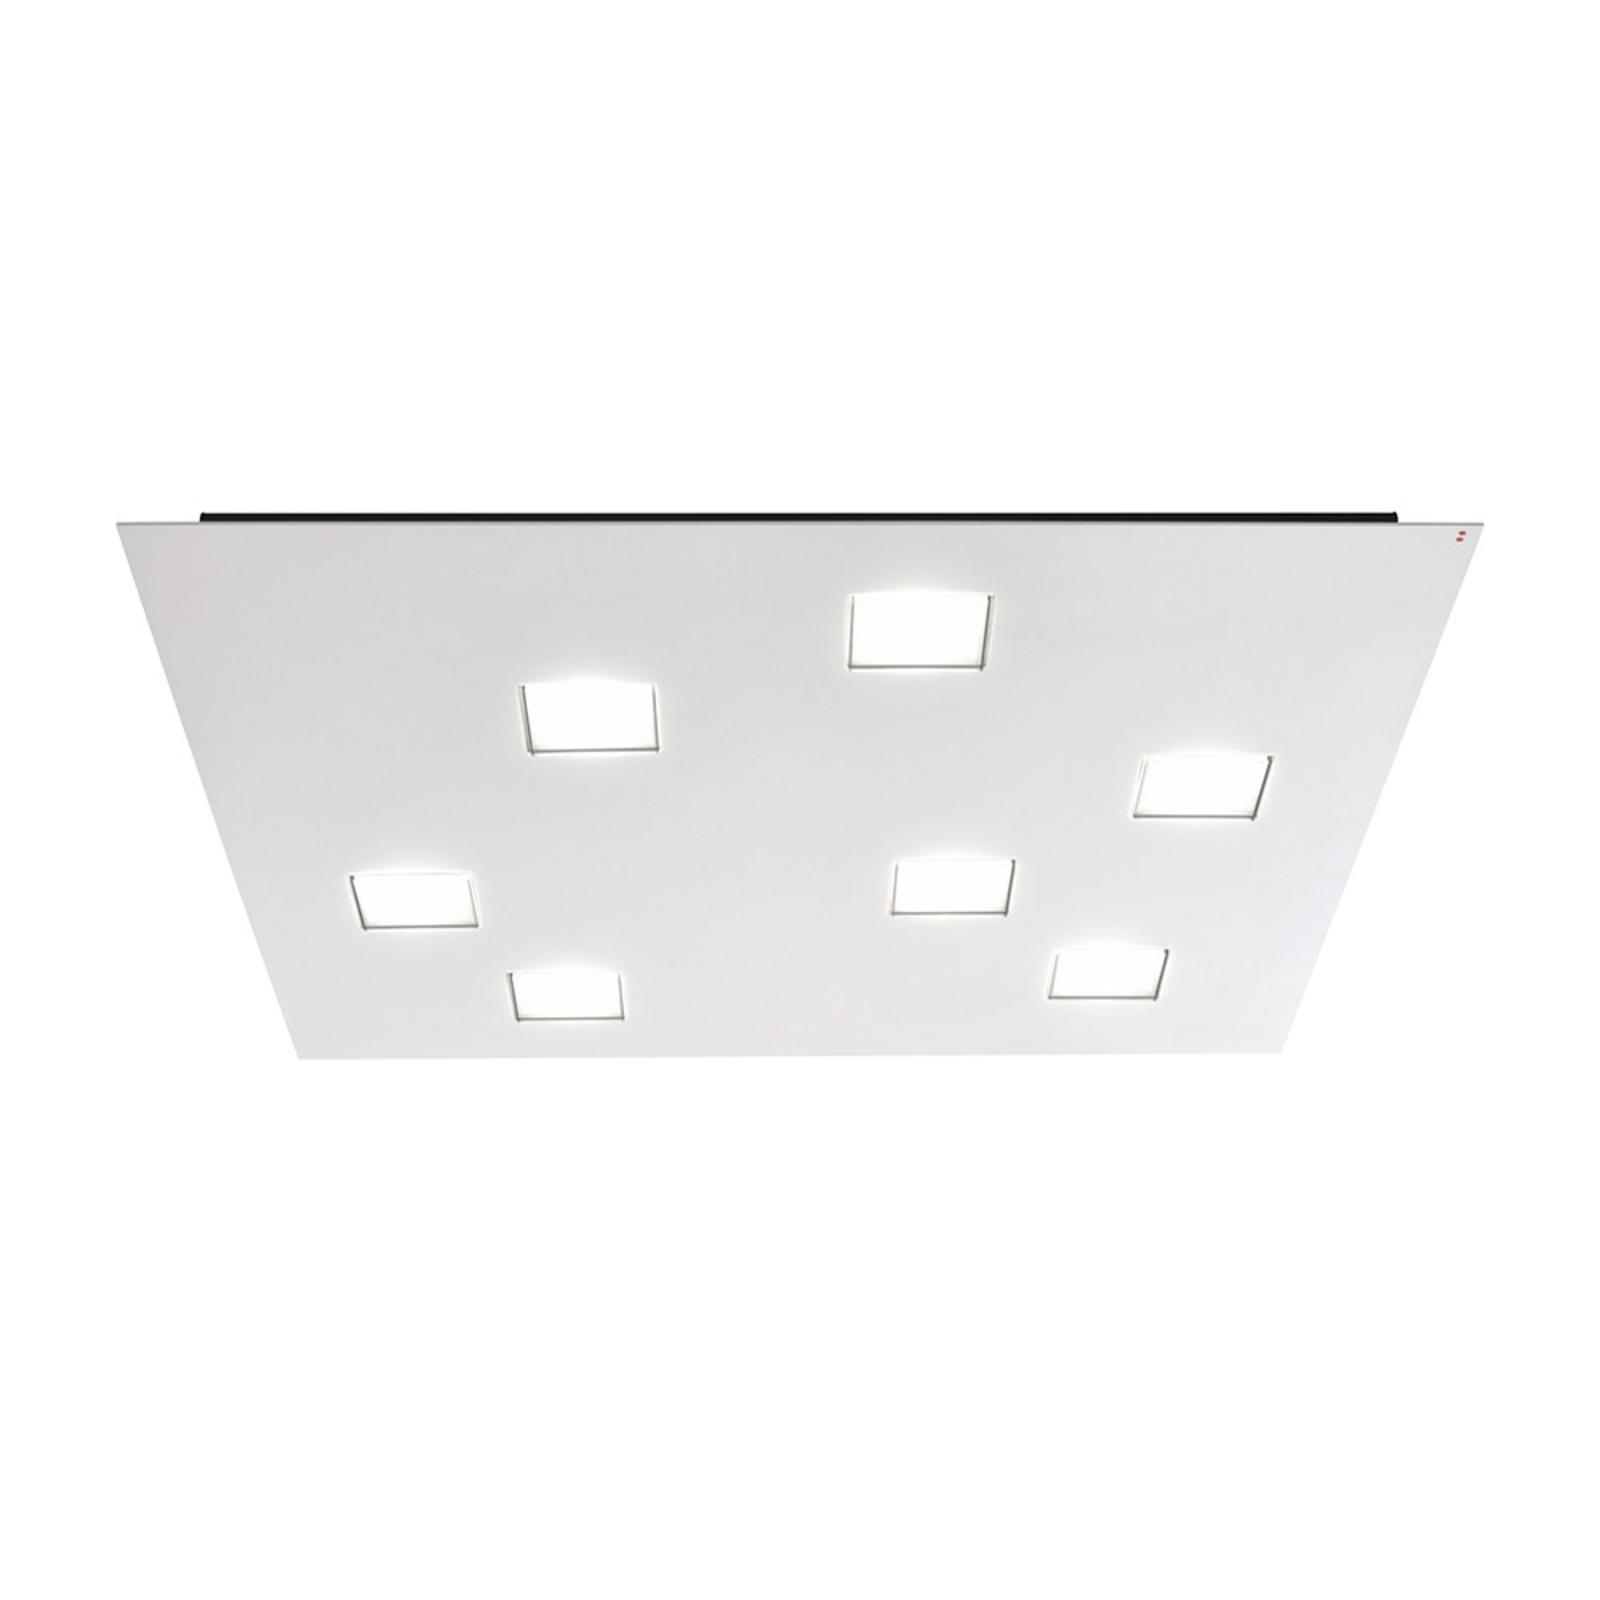 Fabbian Quarter – vit LED-taklampa 7 lampor